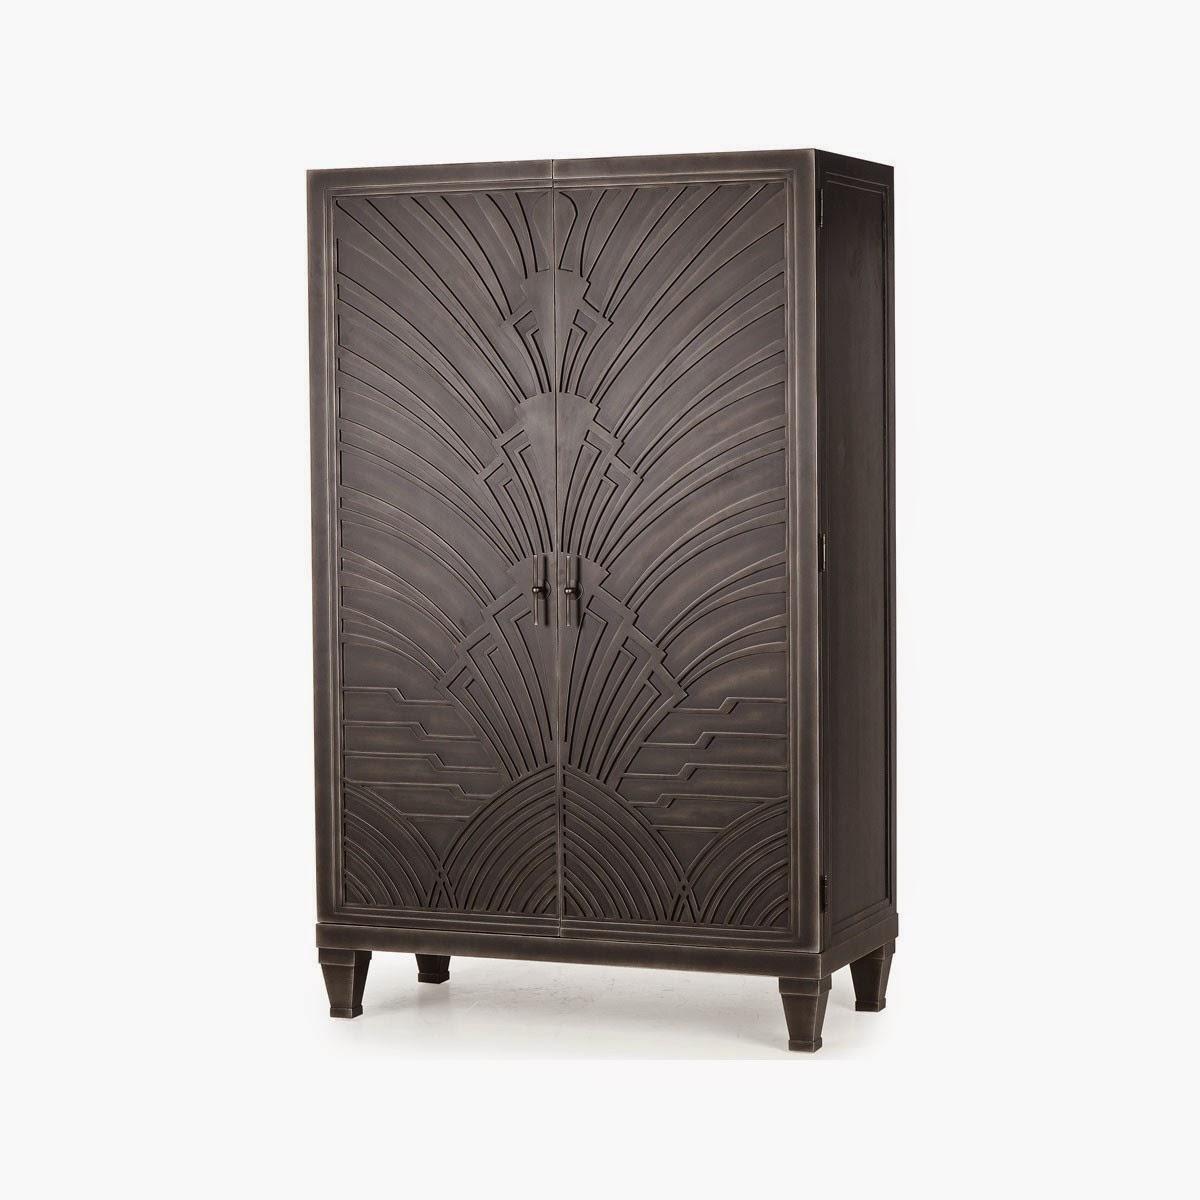 Darya girina interior design march 2015 - Andrew Martin Josephine Cabinet